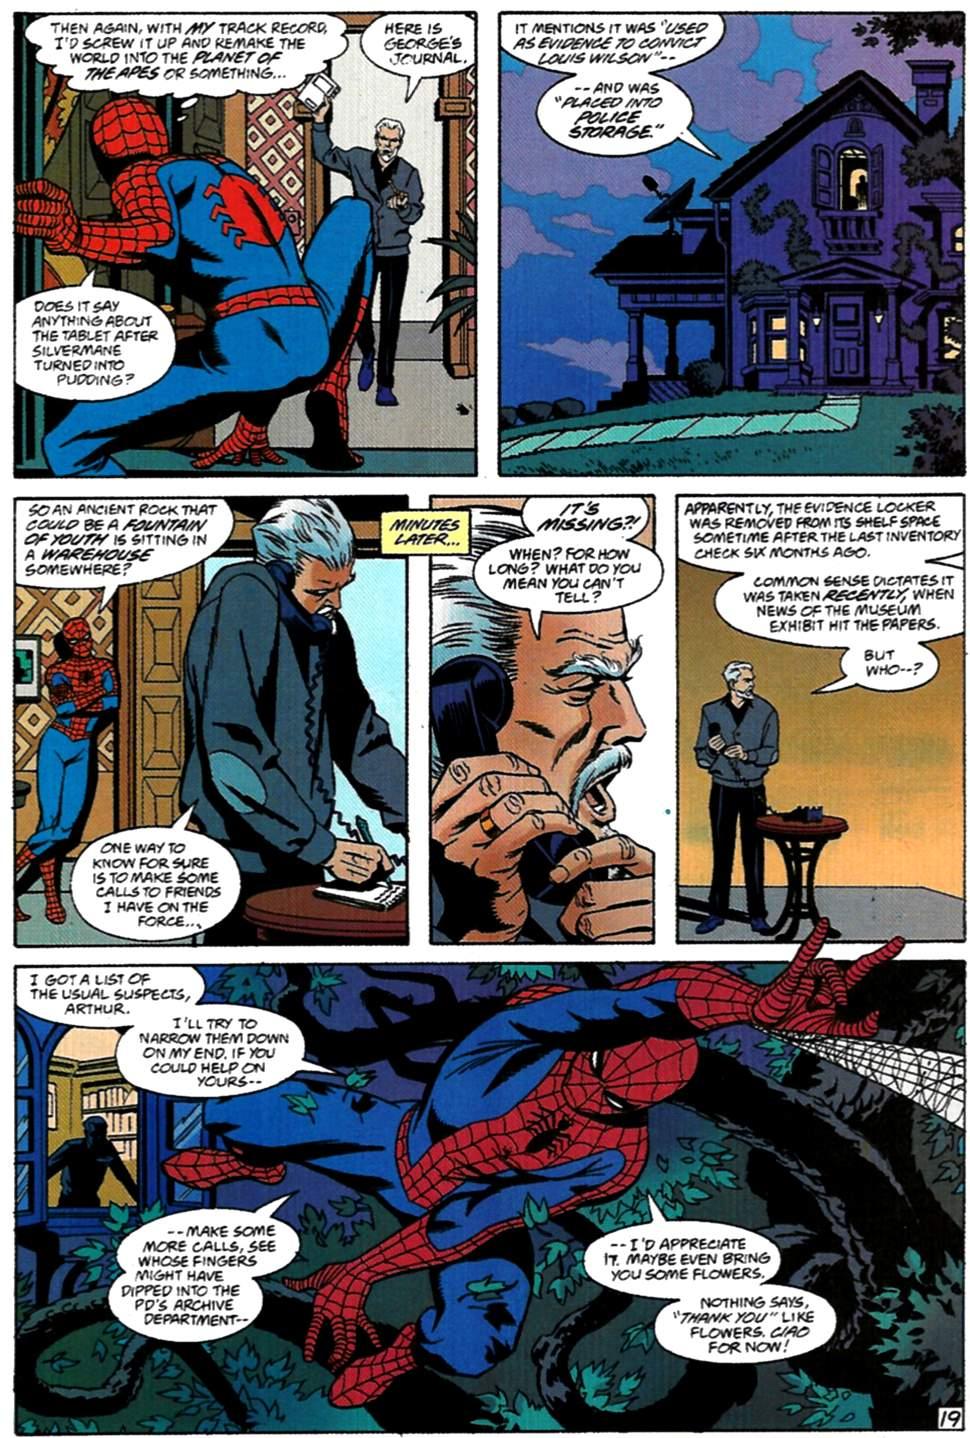 Read online Spider-Man: Lifeline comic -  Issue #1 - 20